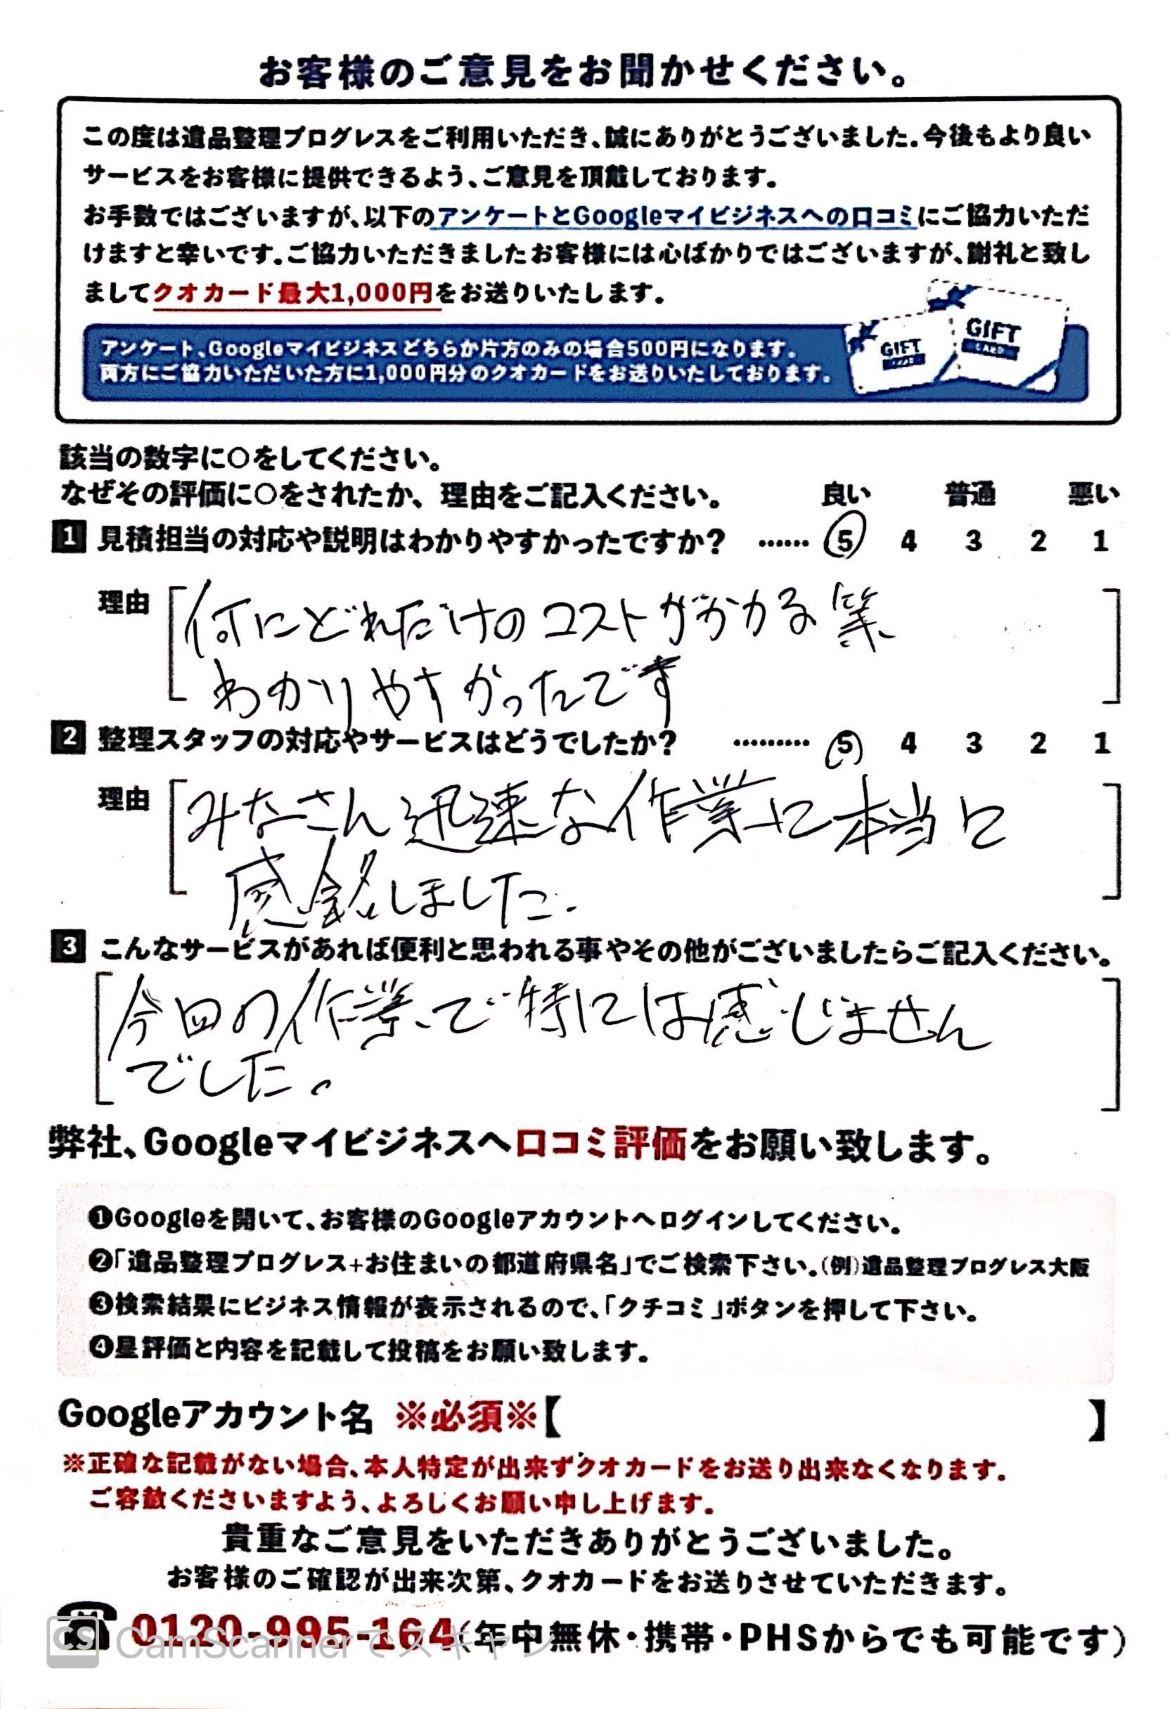 熊本県熊本市東区 M・Y様のアンケート用紙